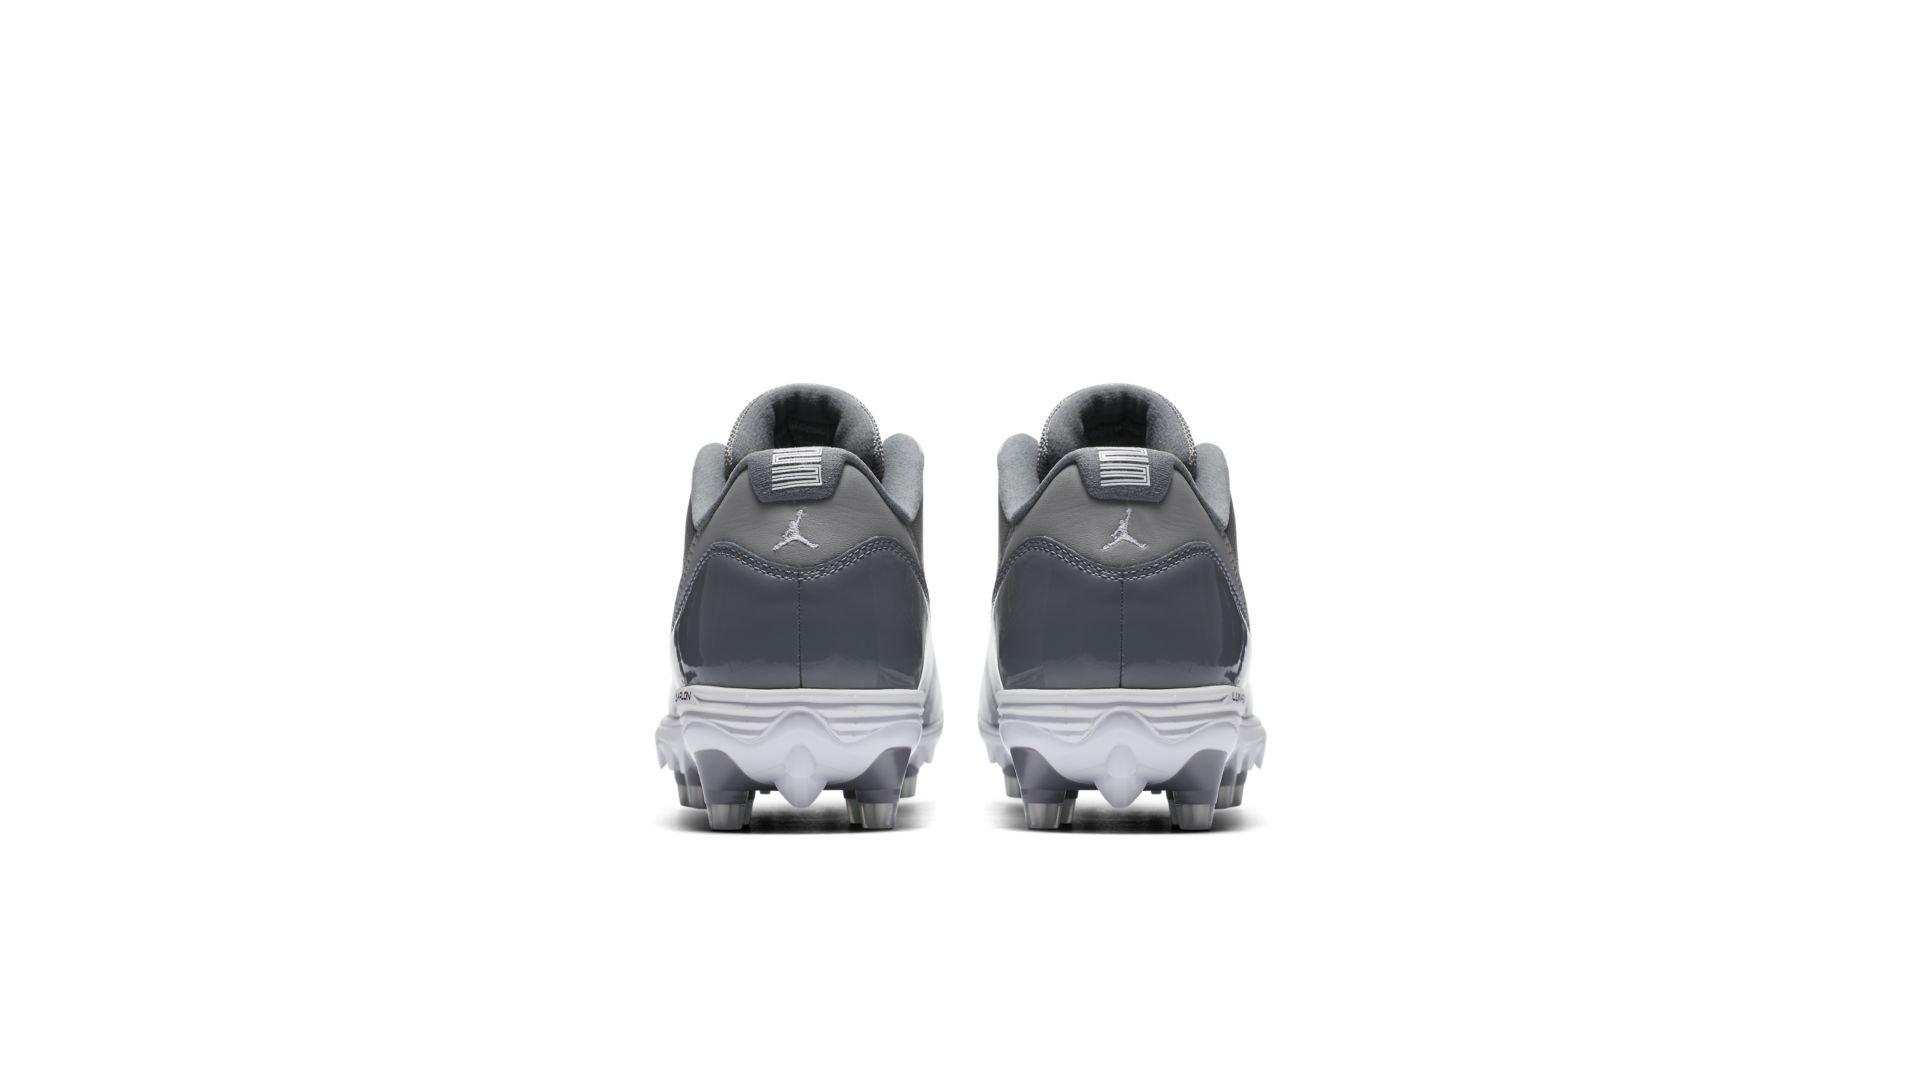 Jordan 11 Retro Low Cleat Cool Grey (AO1560-003)